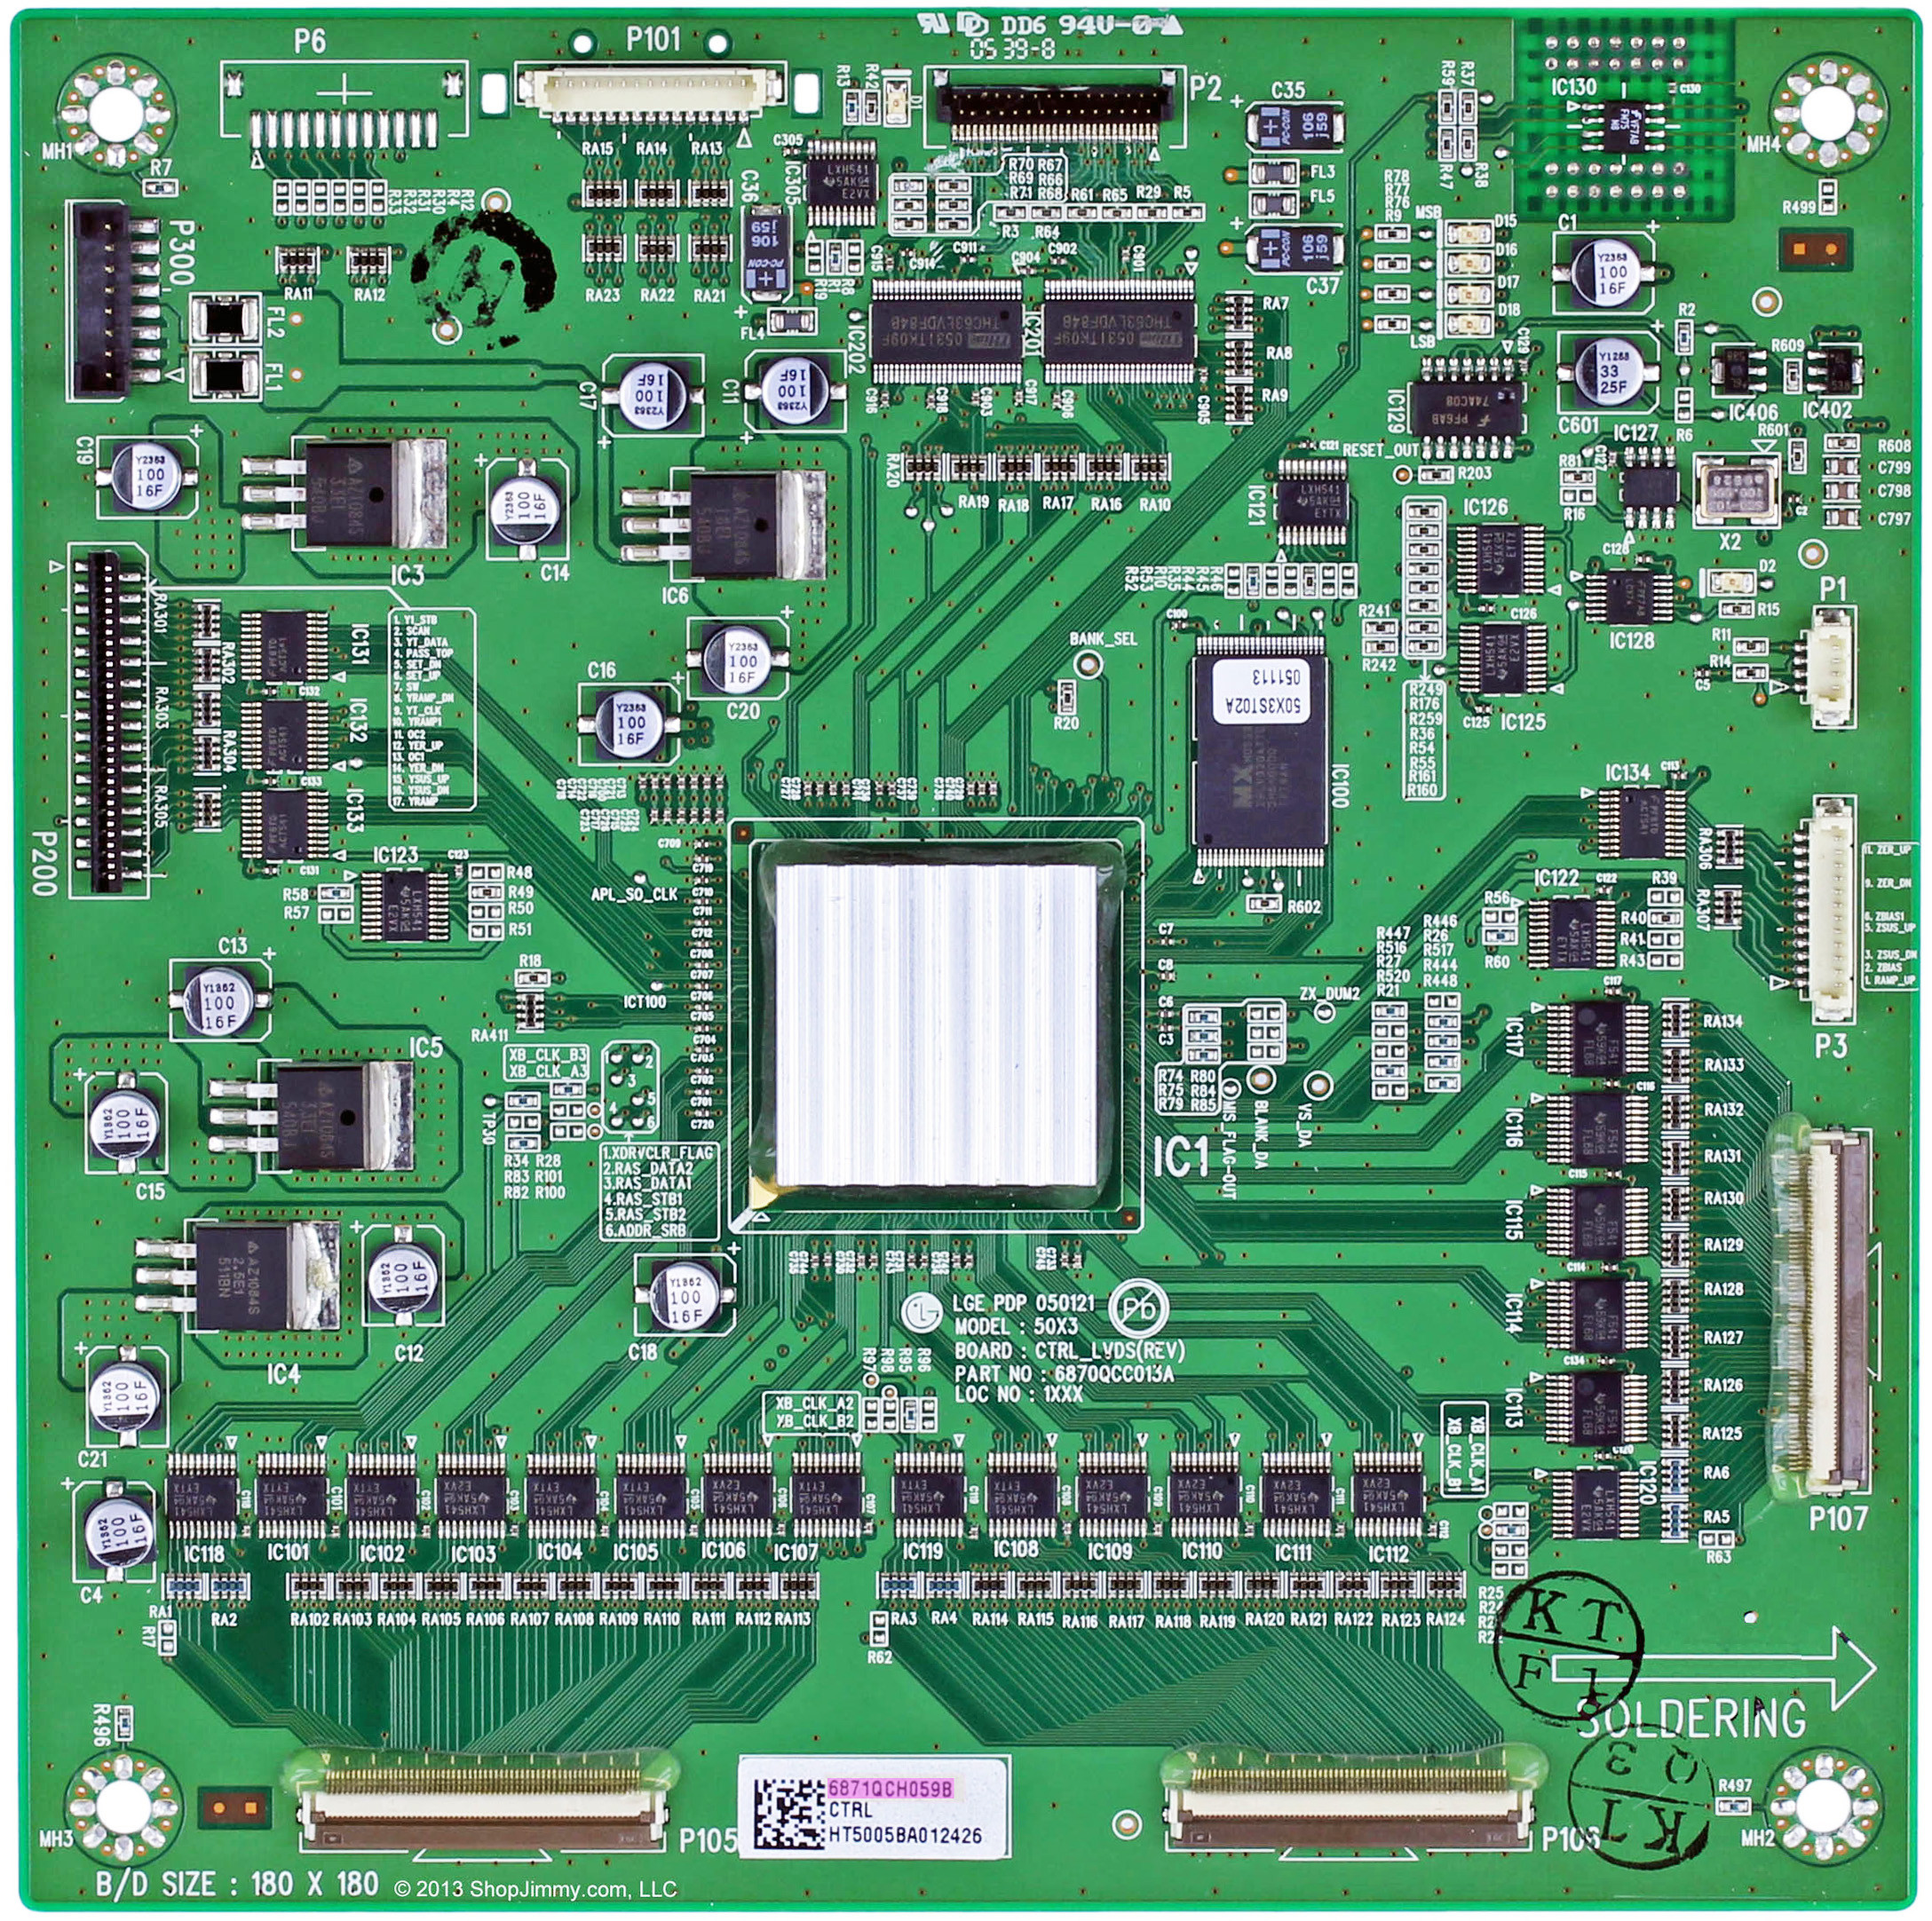 6870QCC113A, 6870QCC013A LG 6871QCH059B MAIN LOGIC CTRL BOARD FOR 50PY2DR